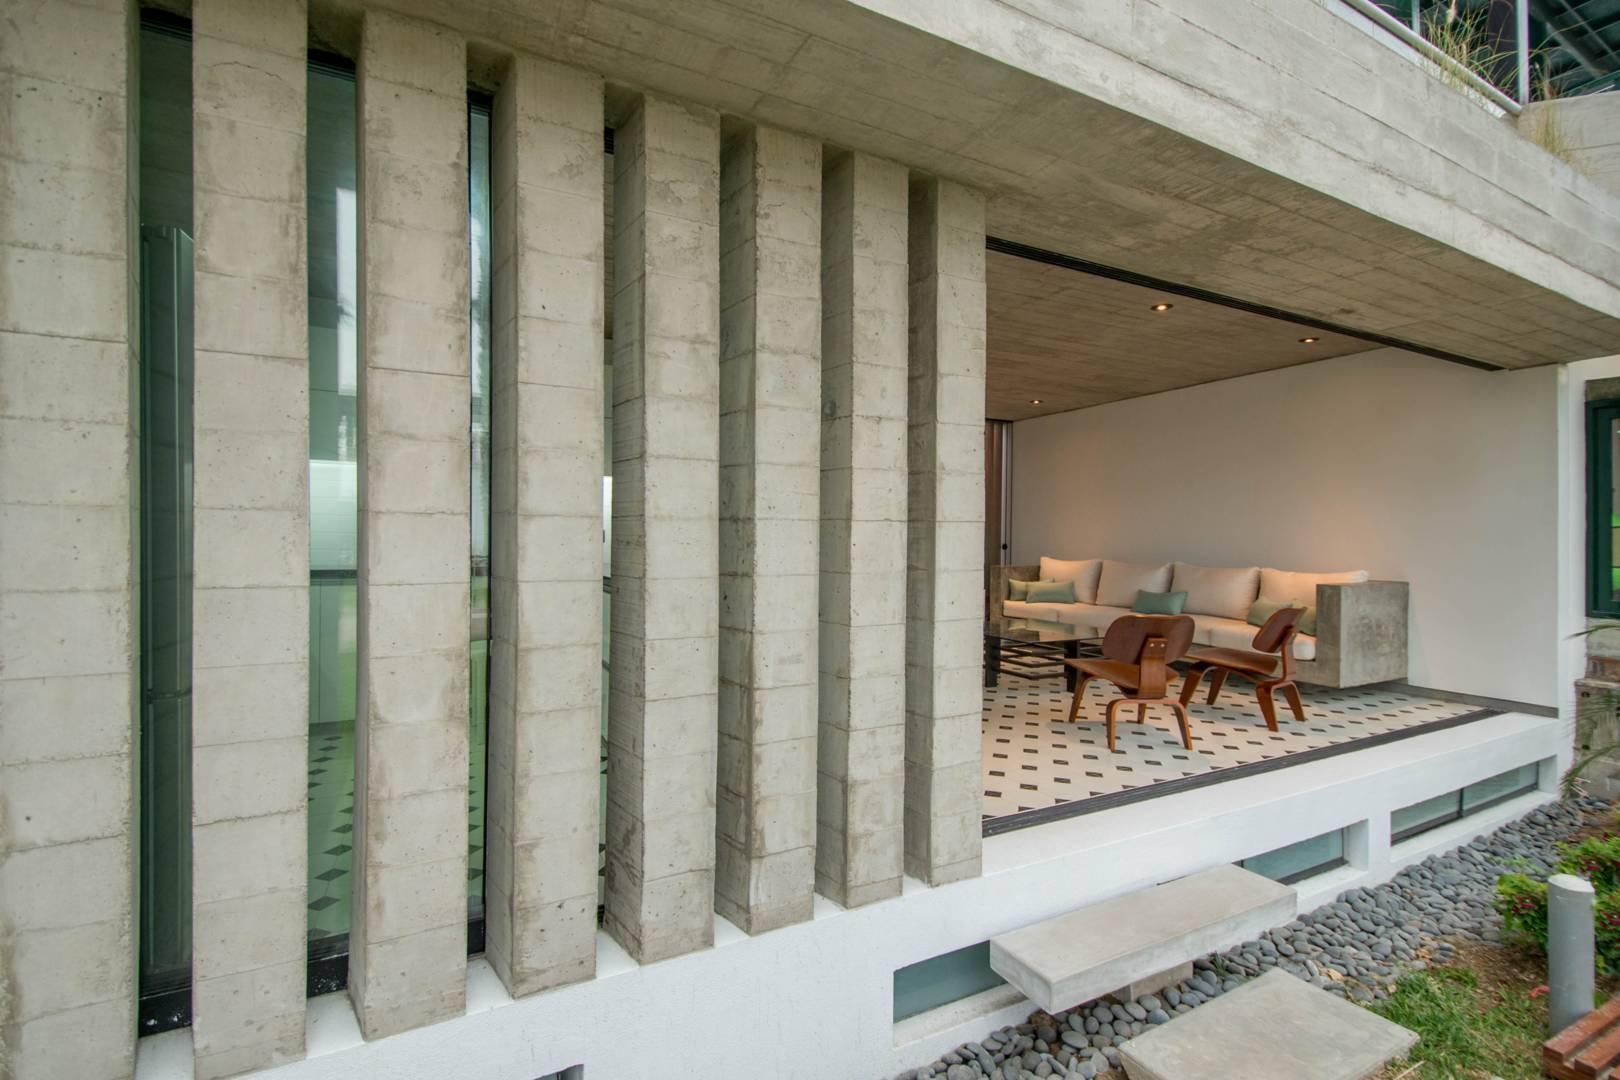 Casa S - Romo Arquitectos (12 of 94)